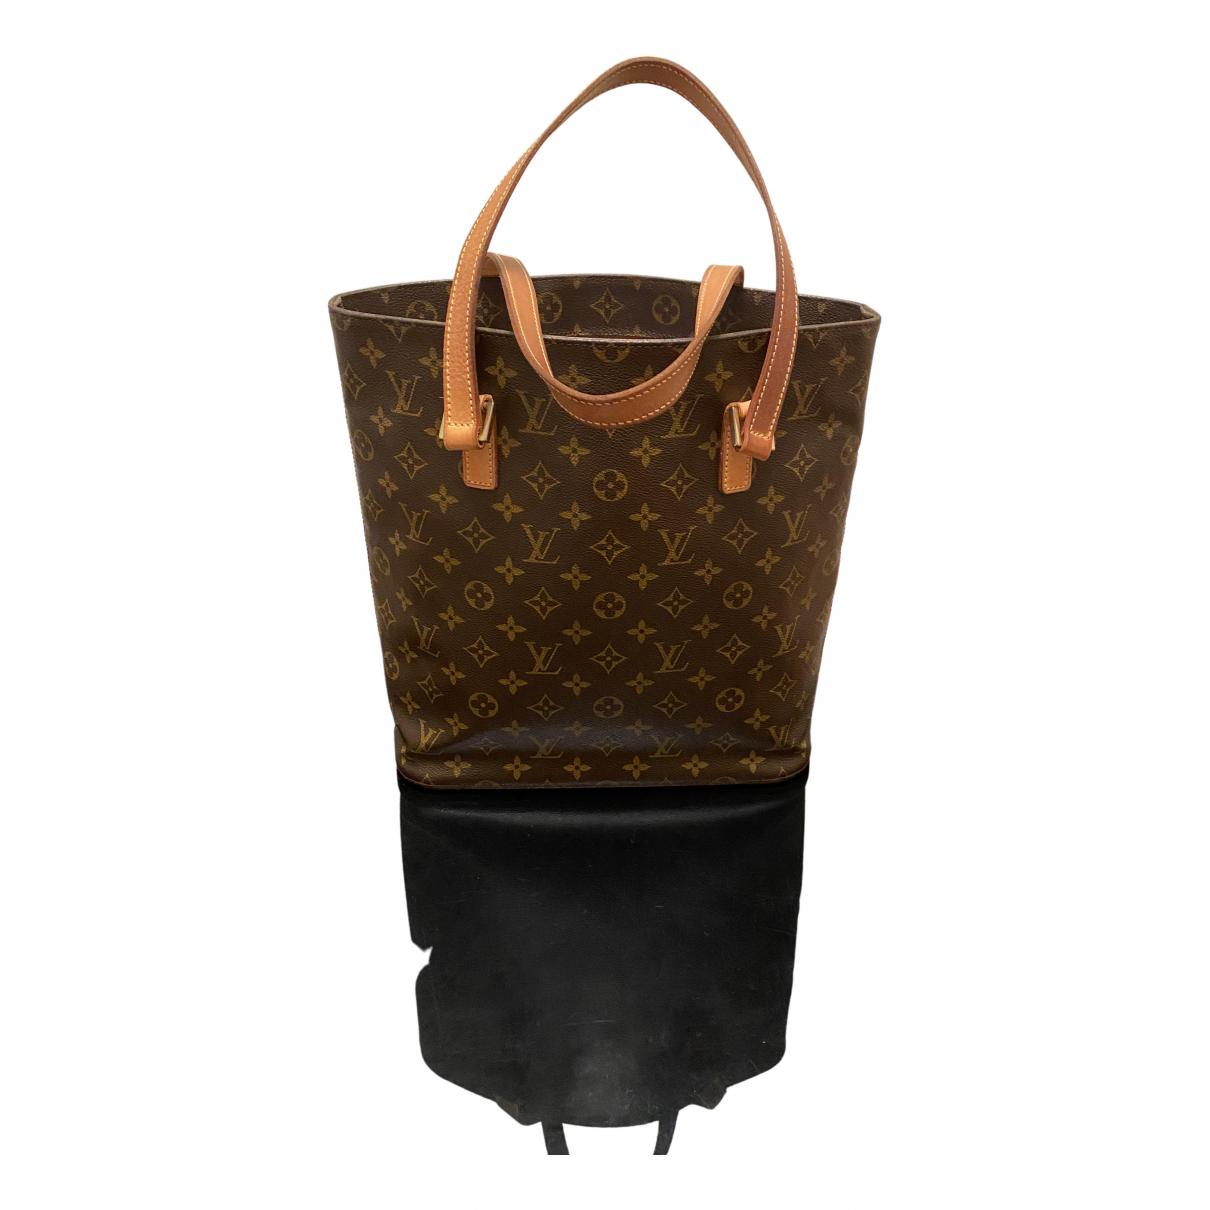 Louis Vuitton - Sac a main   pour femme en toile